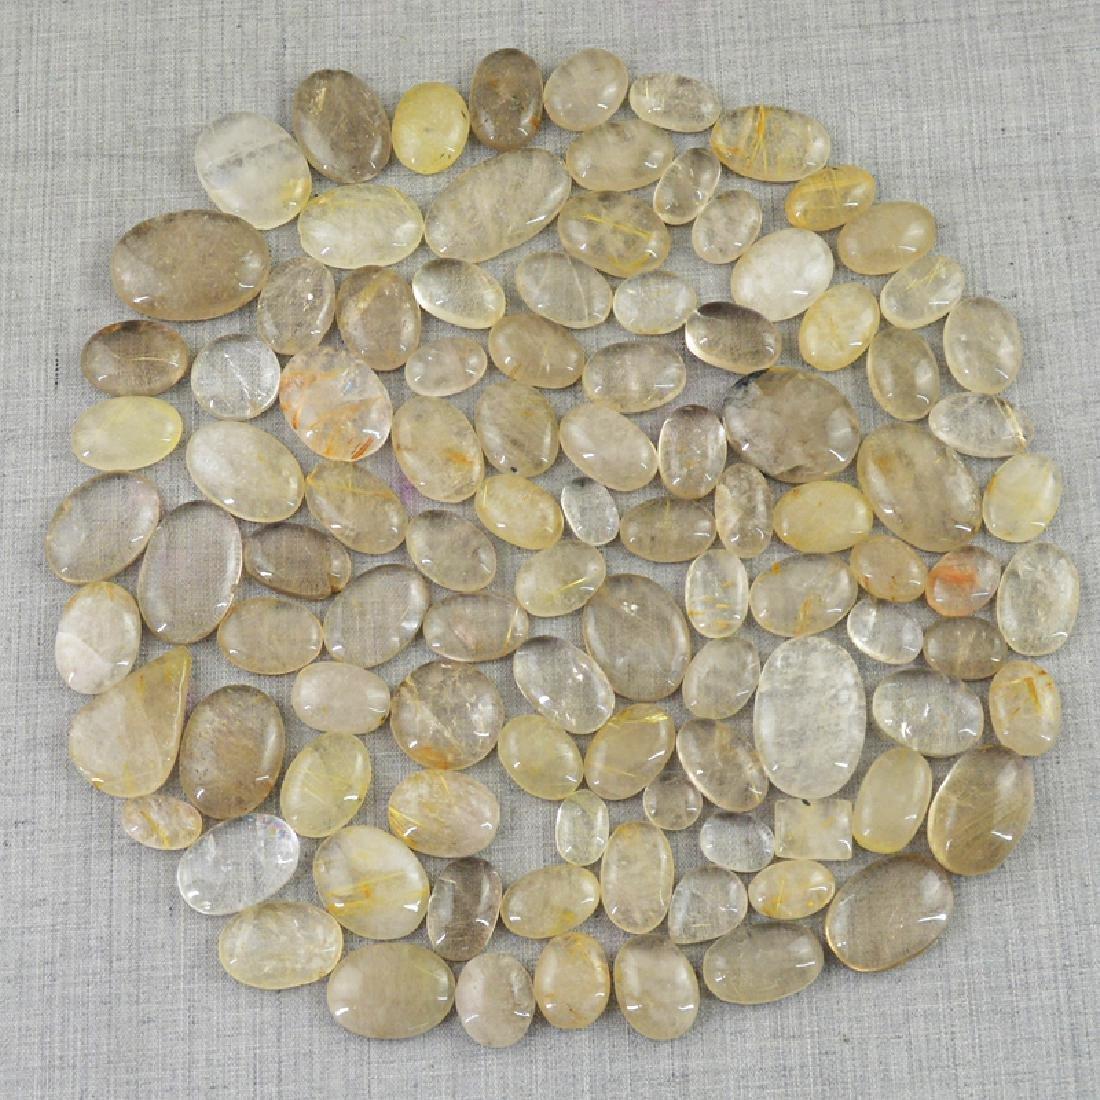 Golden Rutile Quartz Gemstones - 2